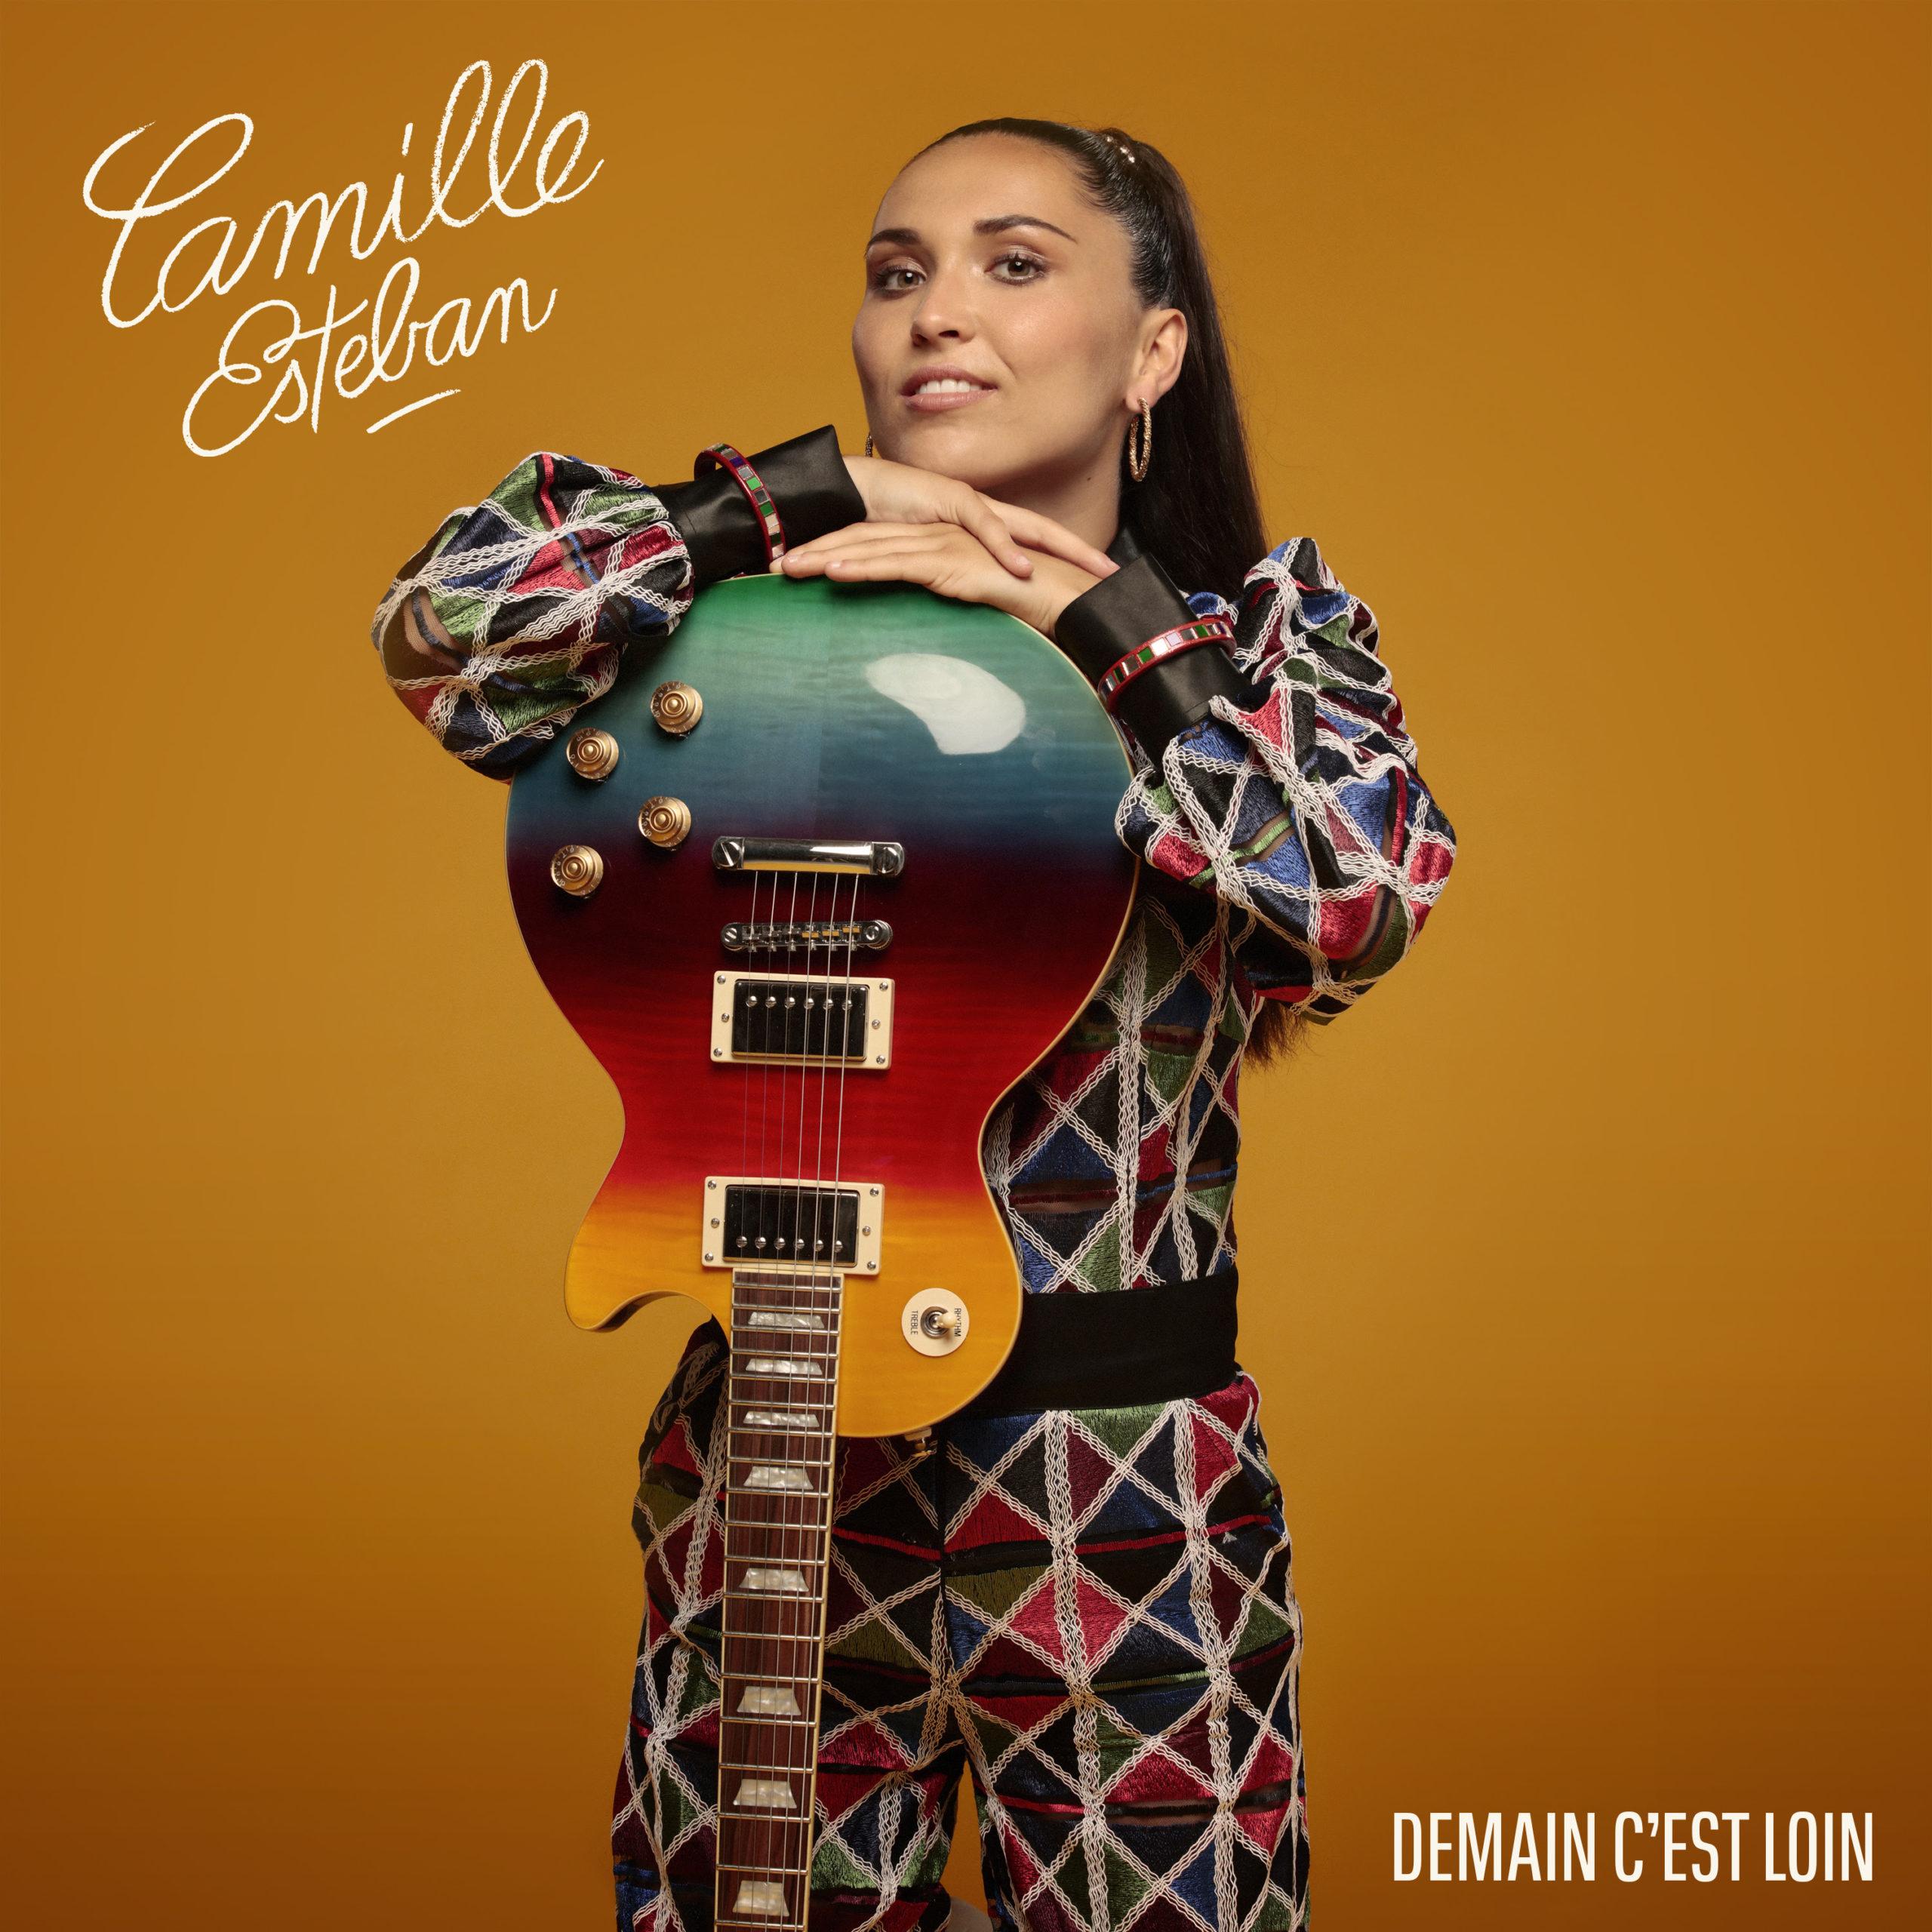 Camille Esteban, The Voice, Demain c'est loin